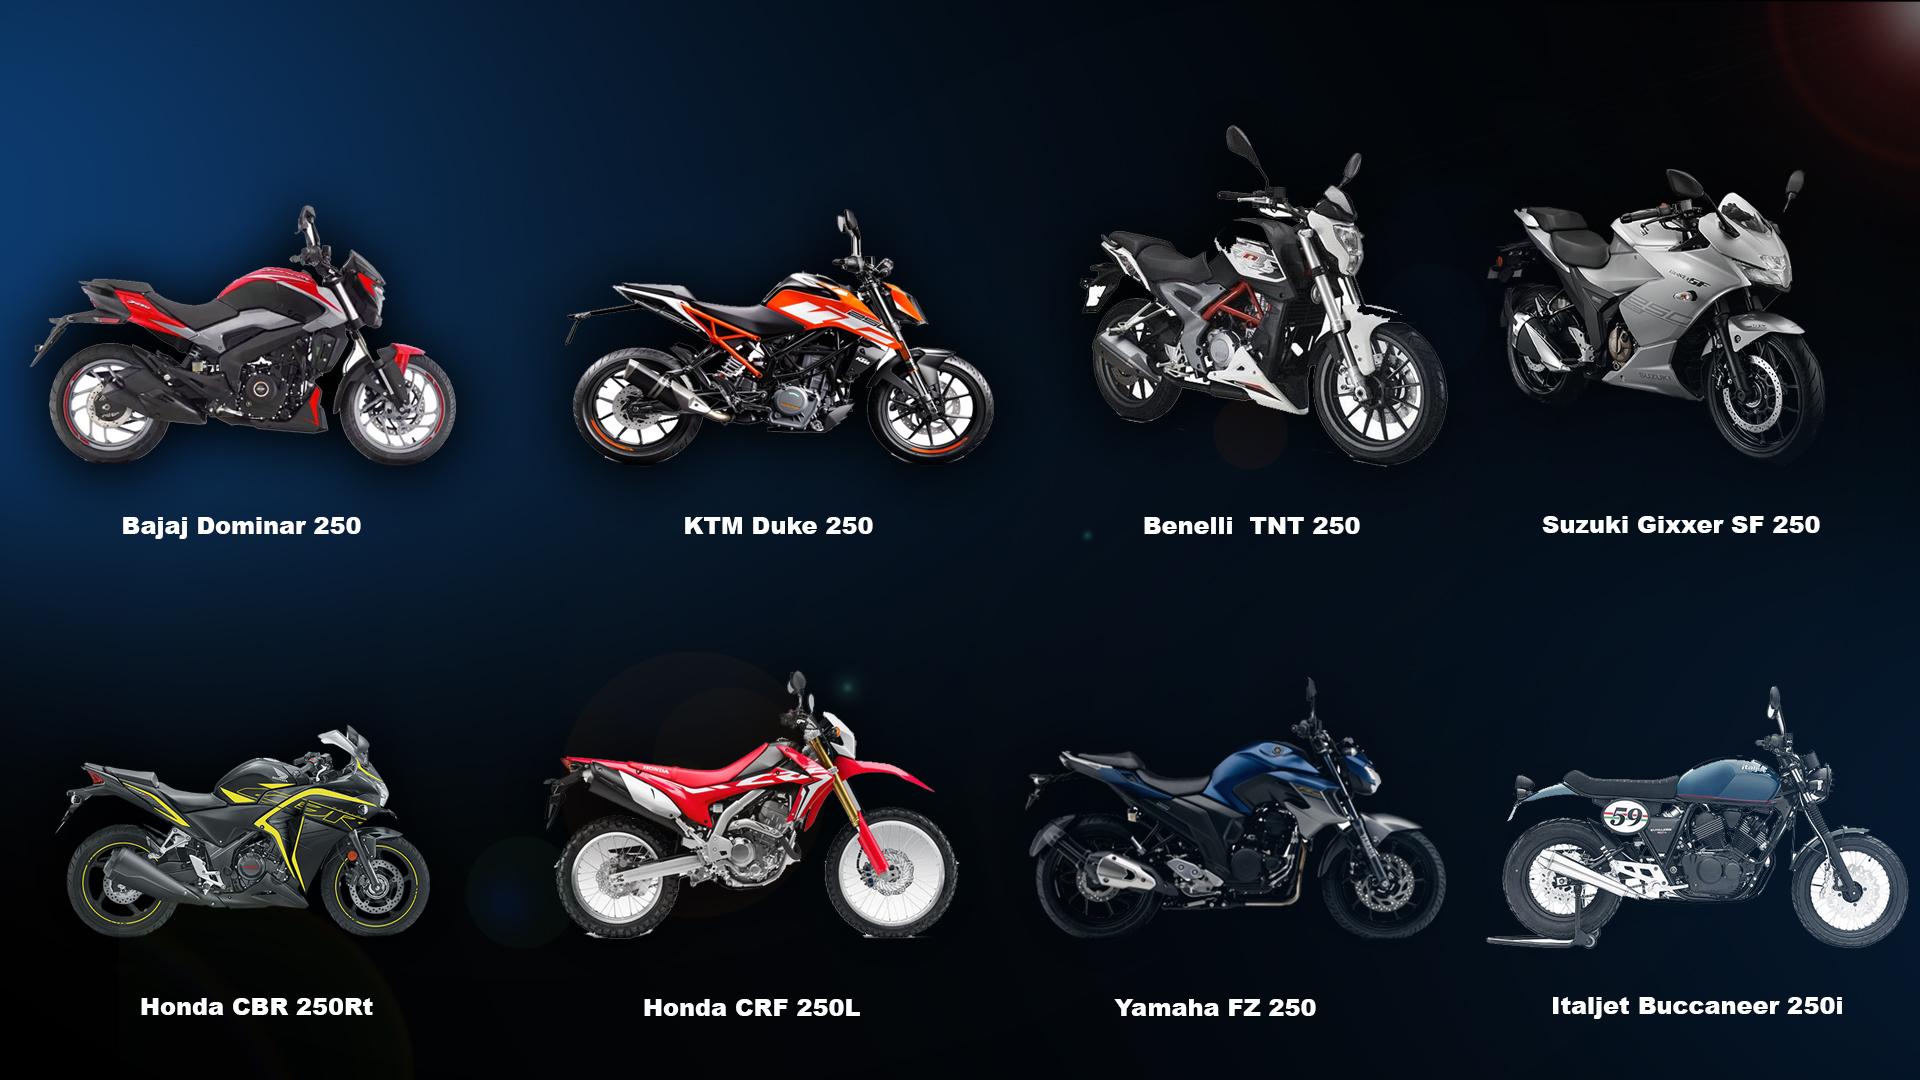 यस्ता छन् २५० सीसी सेग्मेन्टका लोकप्रिय मोटरसाइकल, कुनको मूल्य कति ?